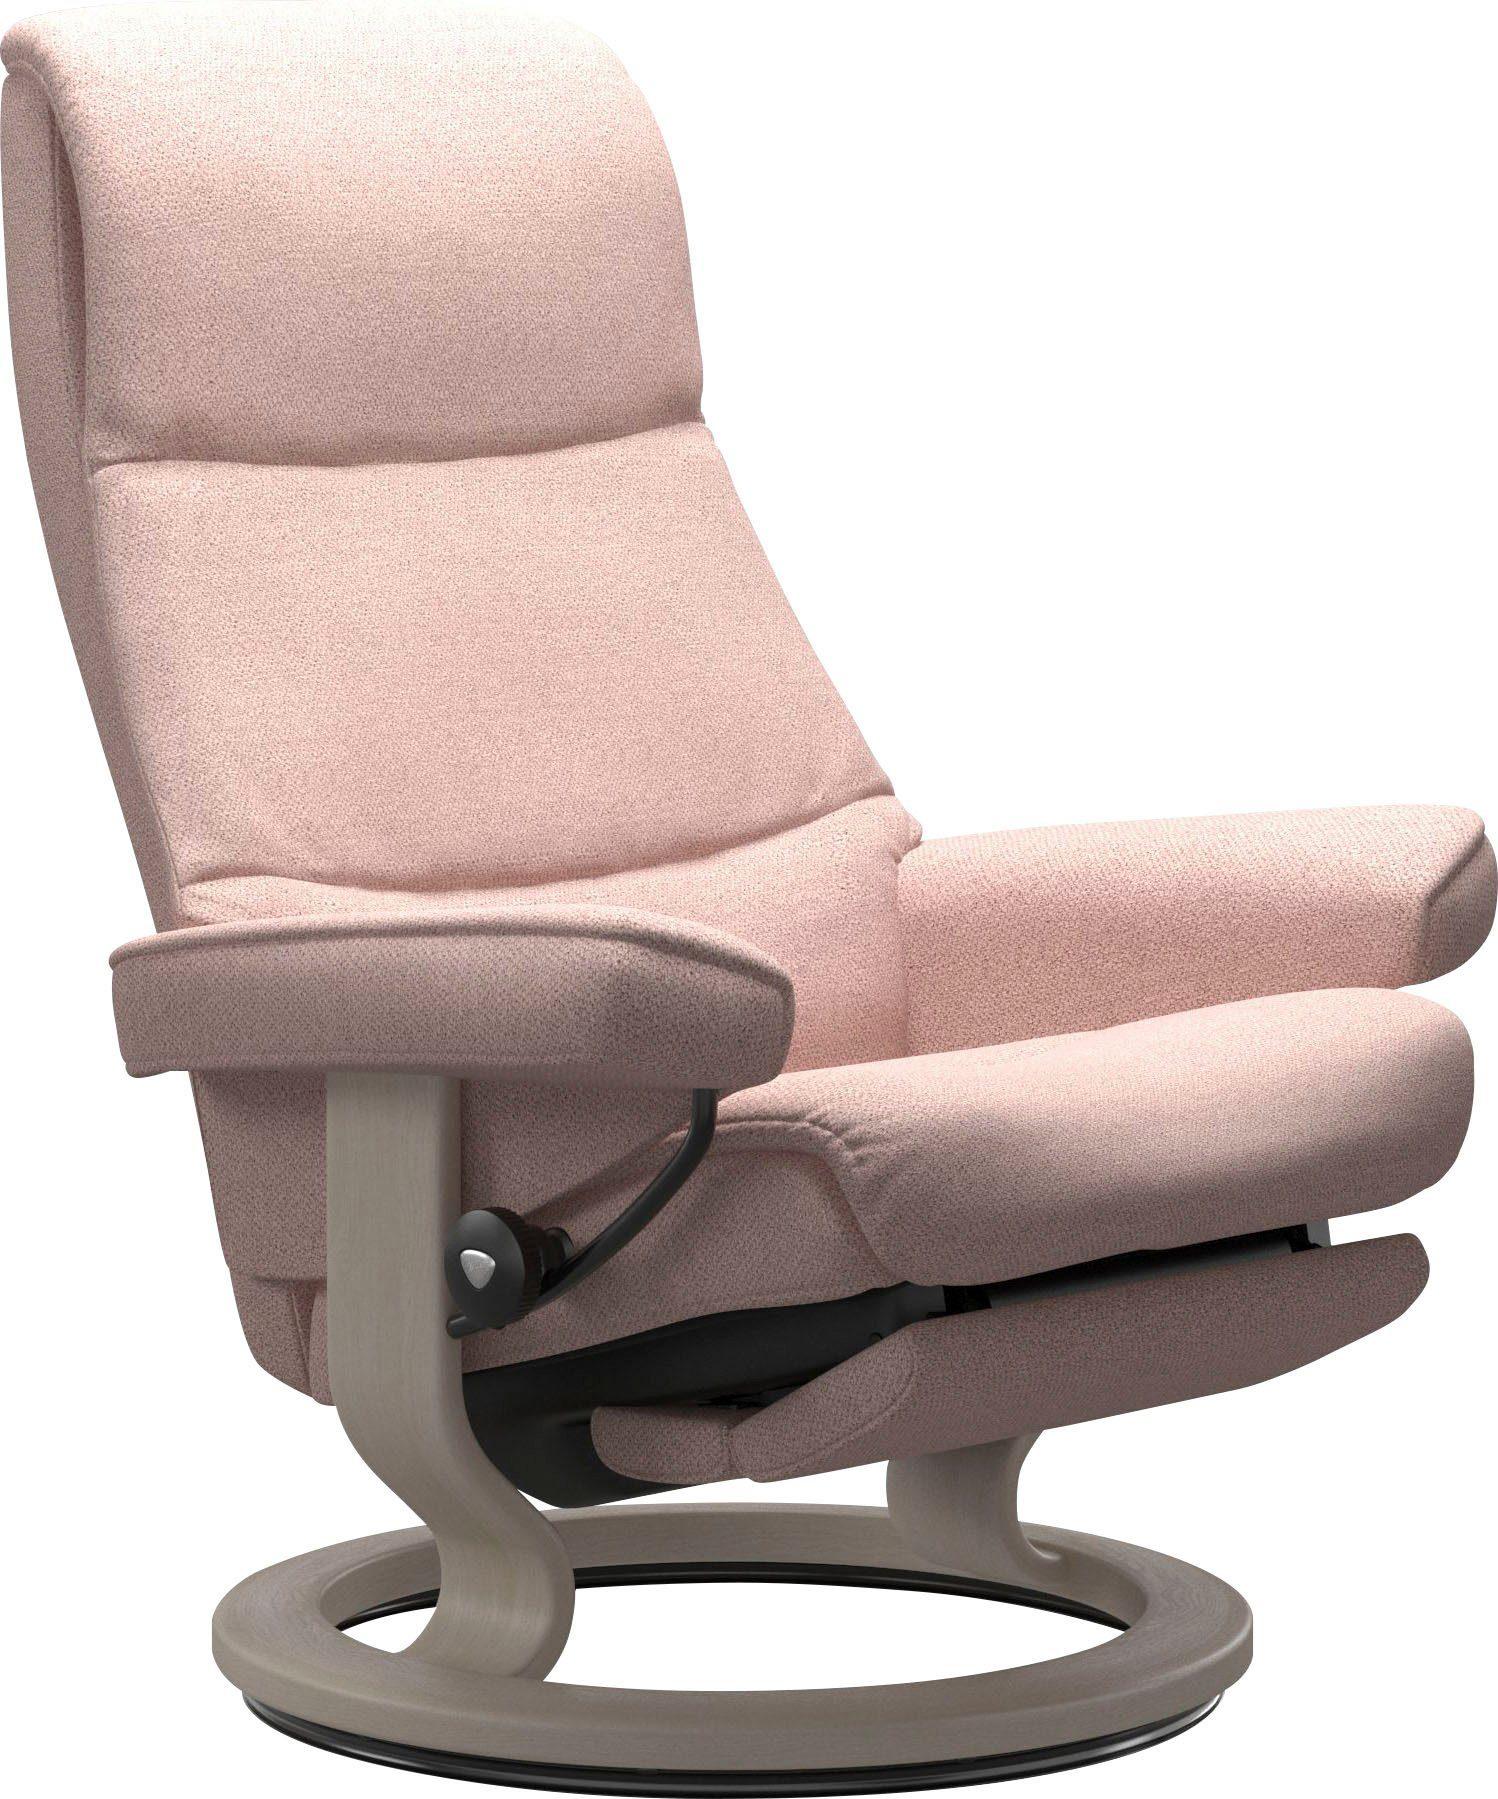 Stressless® Relaxsessel »View«, mit Classic Base und Power™, elektrisch verstellbar, optional 2 motorisch, Größe M & L, Gestell Whitewash online